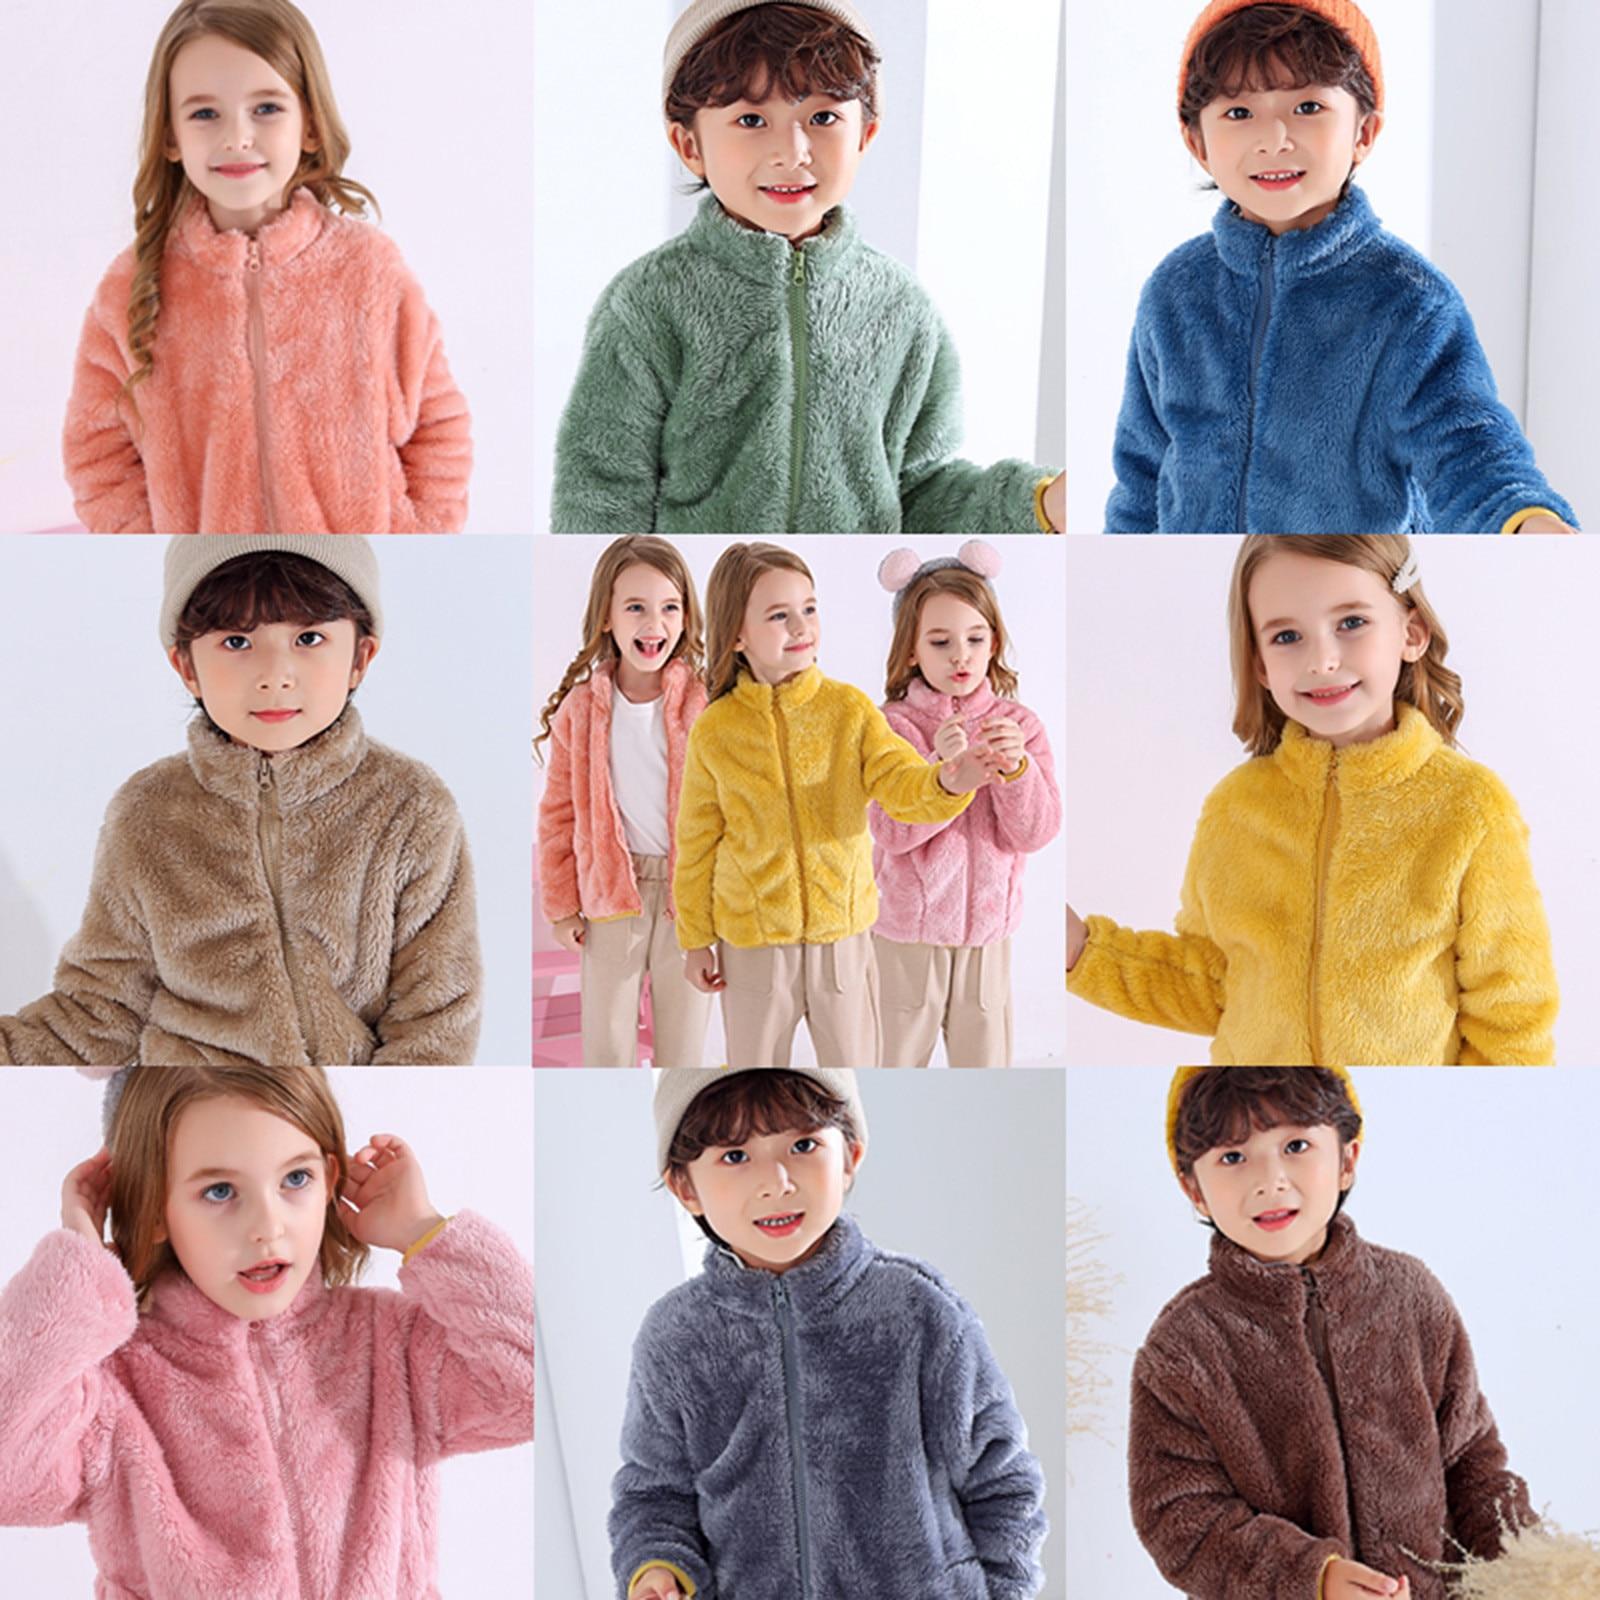 Пальто для детей; Детская одежда; Теплые фланелевые Зимние флисовые куртки для маленьких мальчиков и девочек; Толстовка; Плотные пальто; куртка для девочек-4